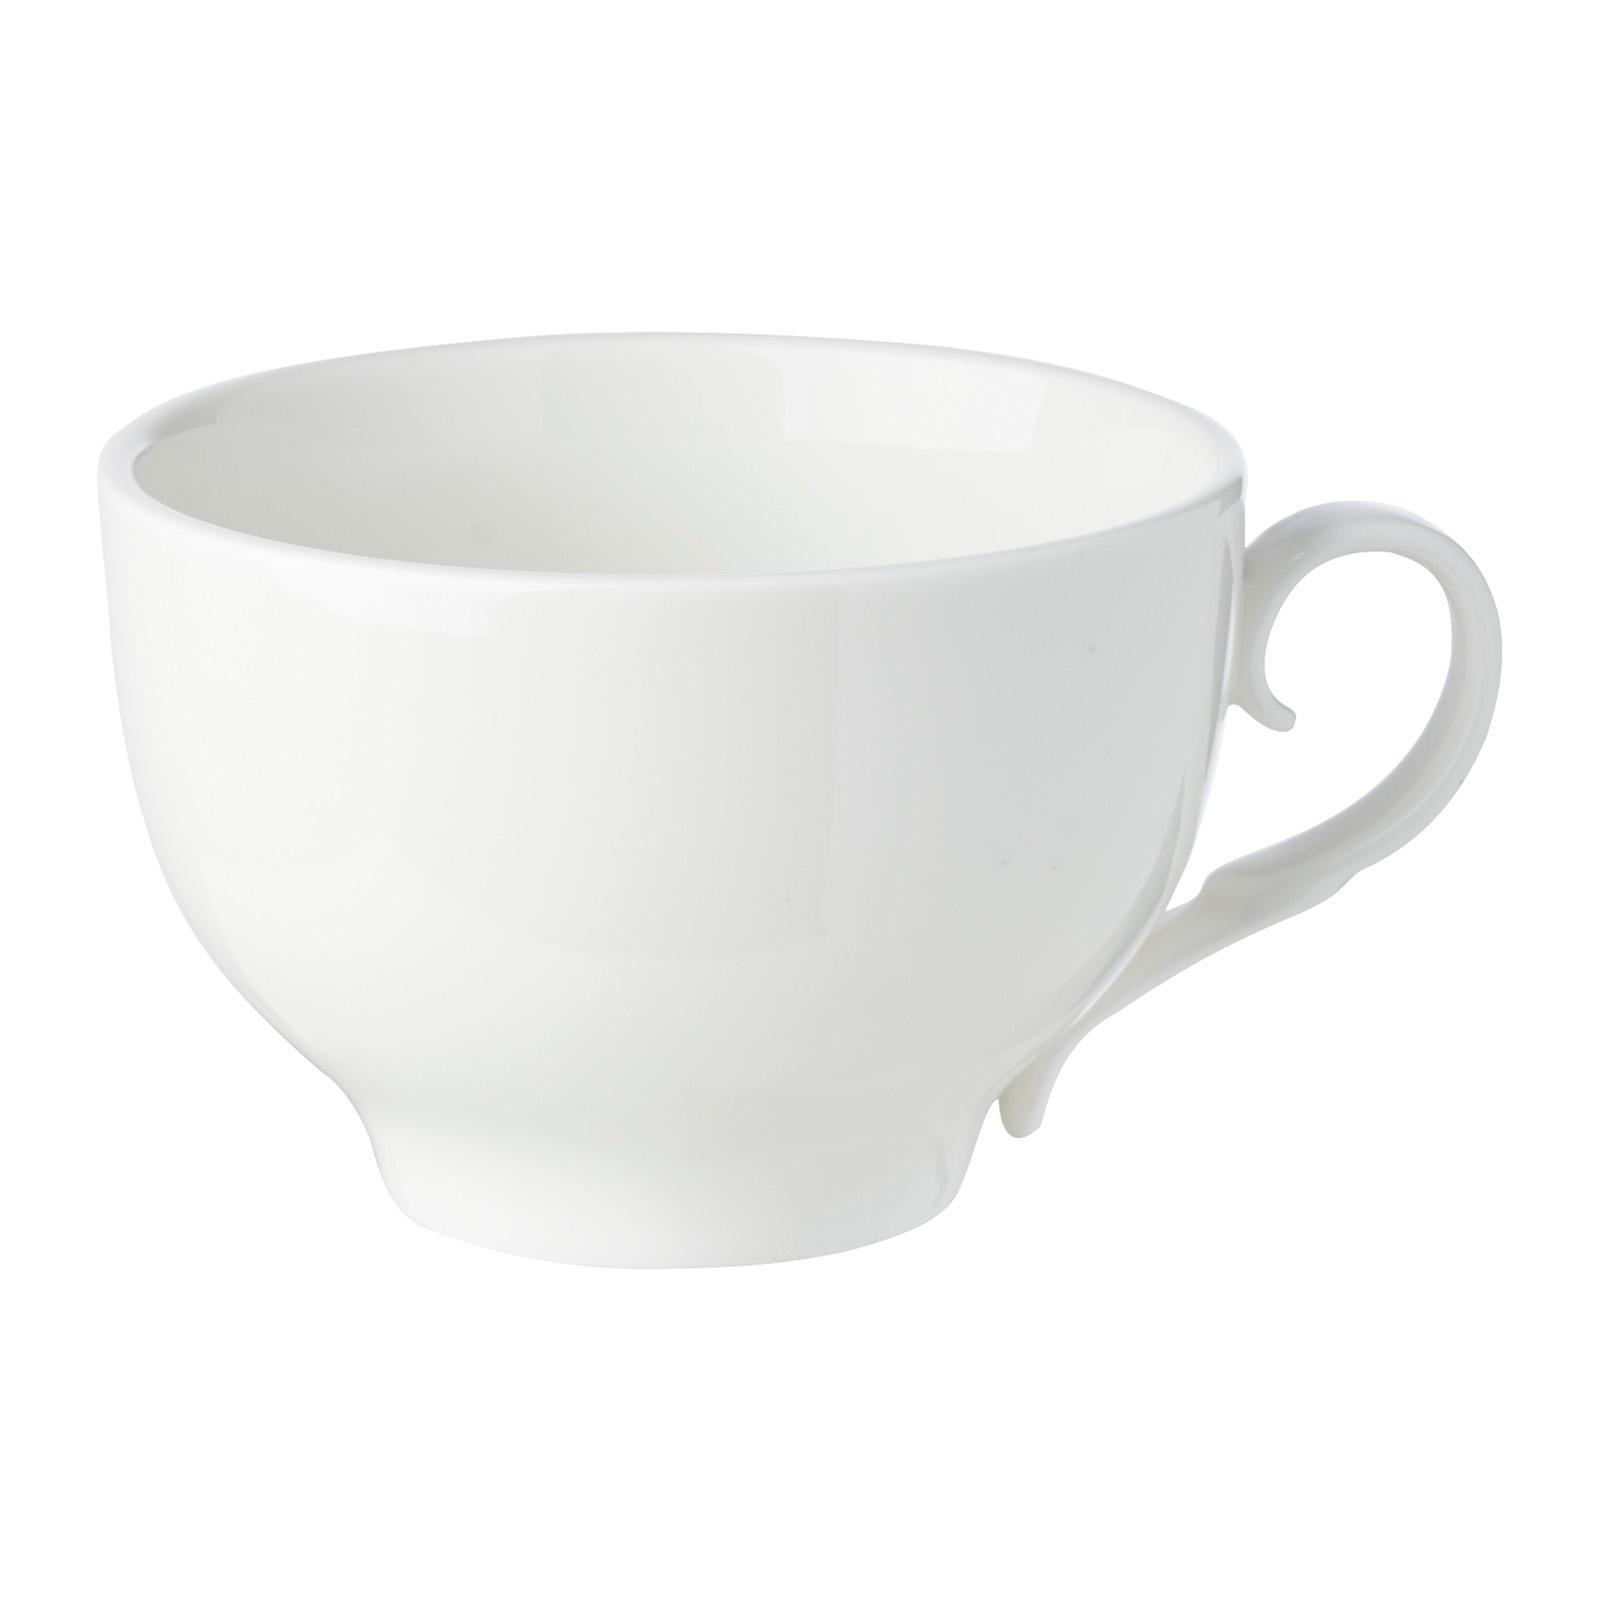 Wilmax England Porcelain Jumbo Mug